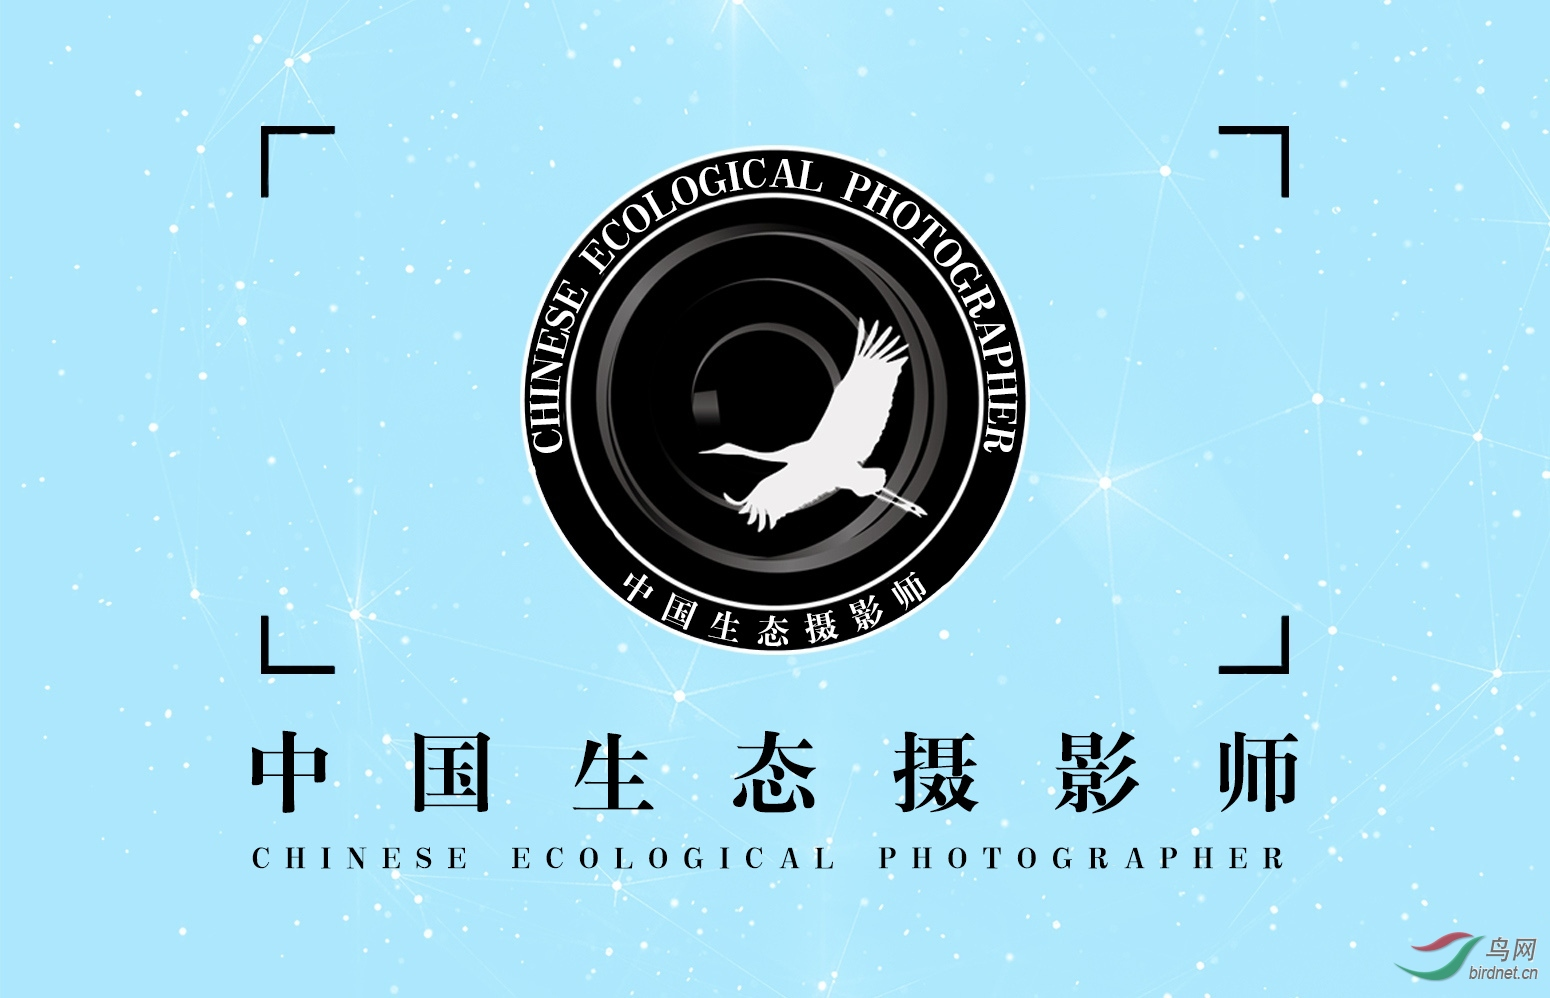 中国生态摄影师.jpg